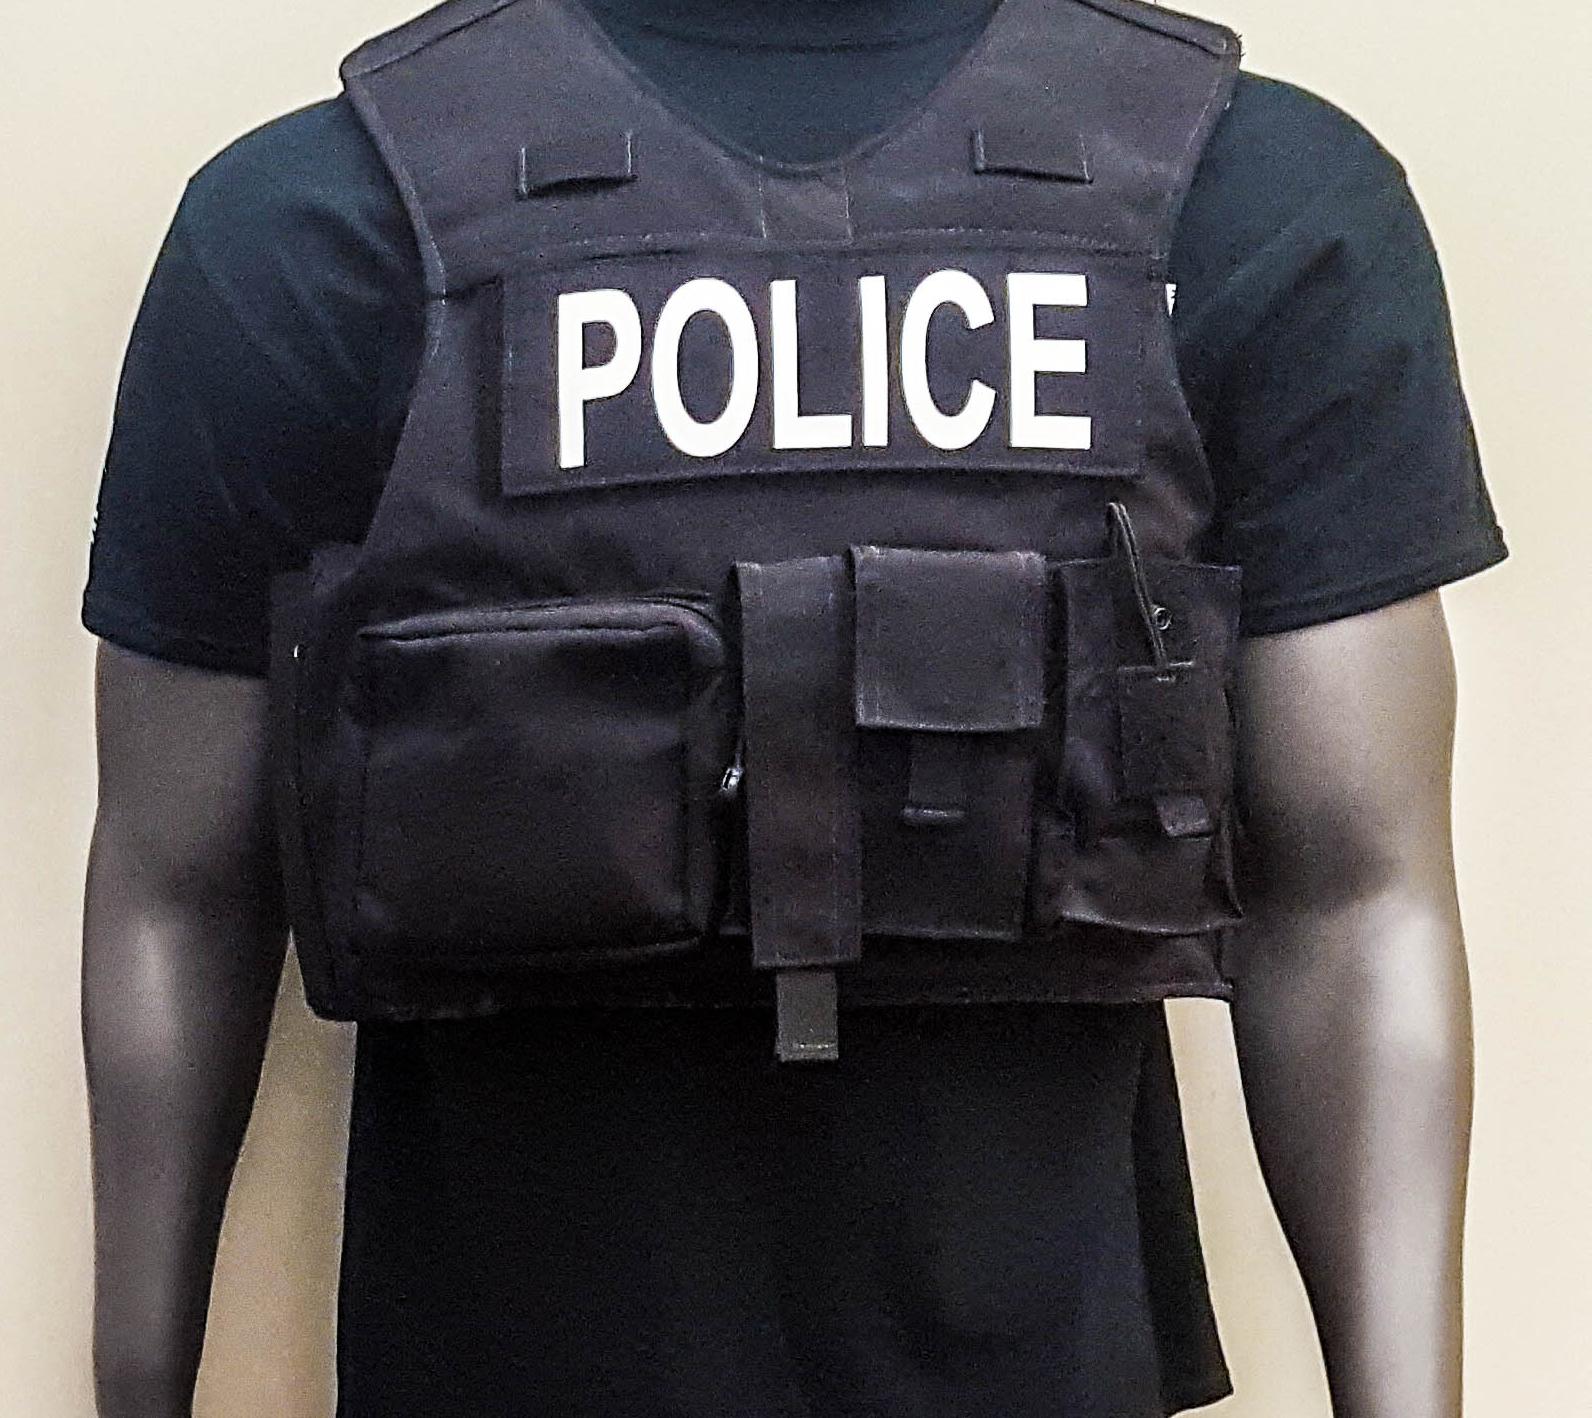 Body Armor & Duty Gear